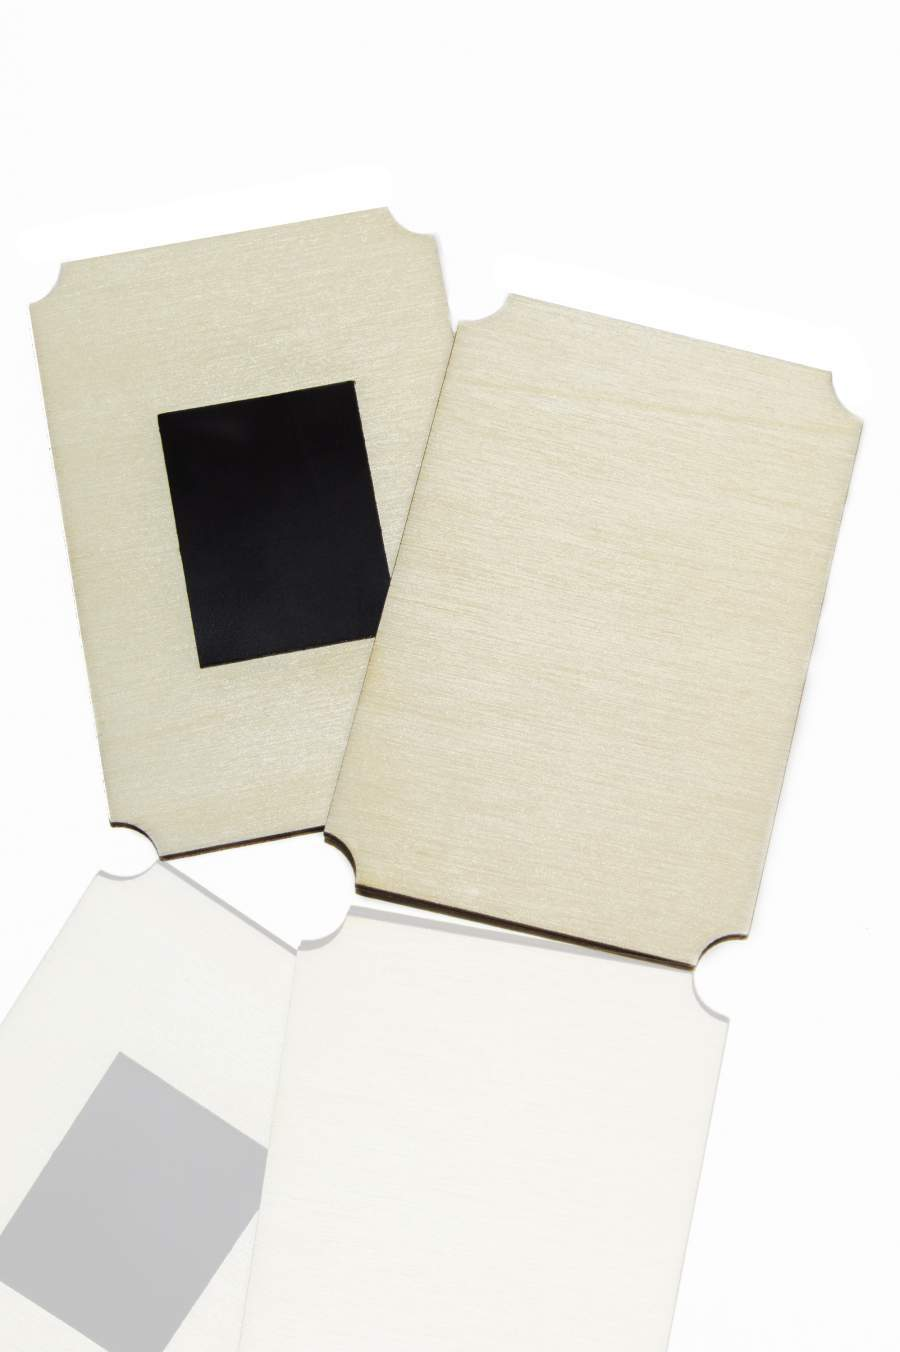 106. Dřevěná magnetka na ledničku - základní materiál 90x60mm